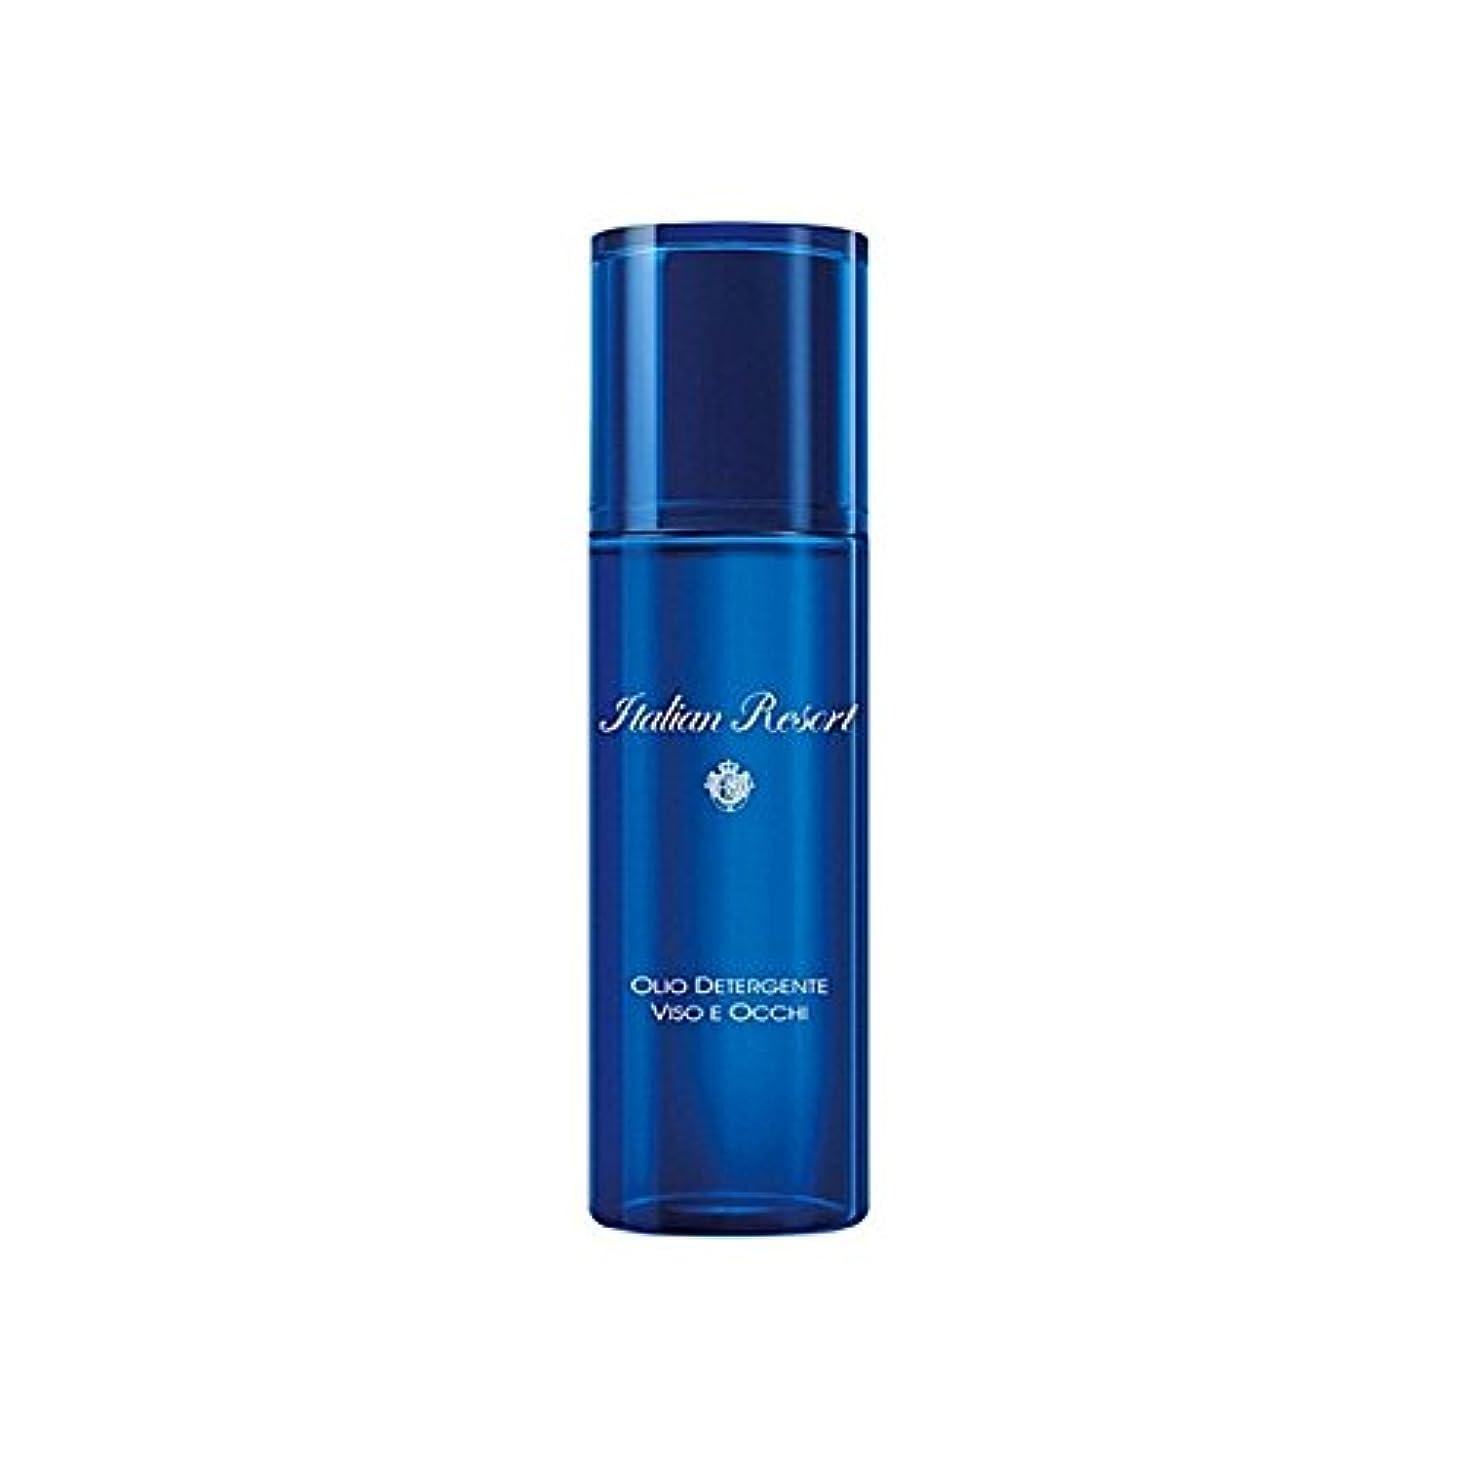 伝染性強調アクアディパルマイタリアリゾート顔と目のクレンジングオイル200ミリリットル x4 - Acqua Di Parma Italian Resort Face And Eye Cleansing Oil 200 ml (Pack of 4) [並行輸入品]